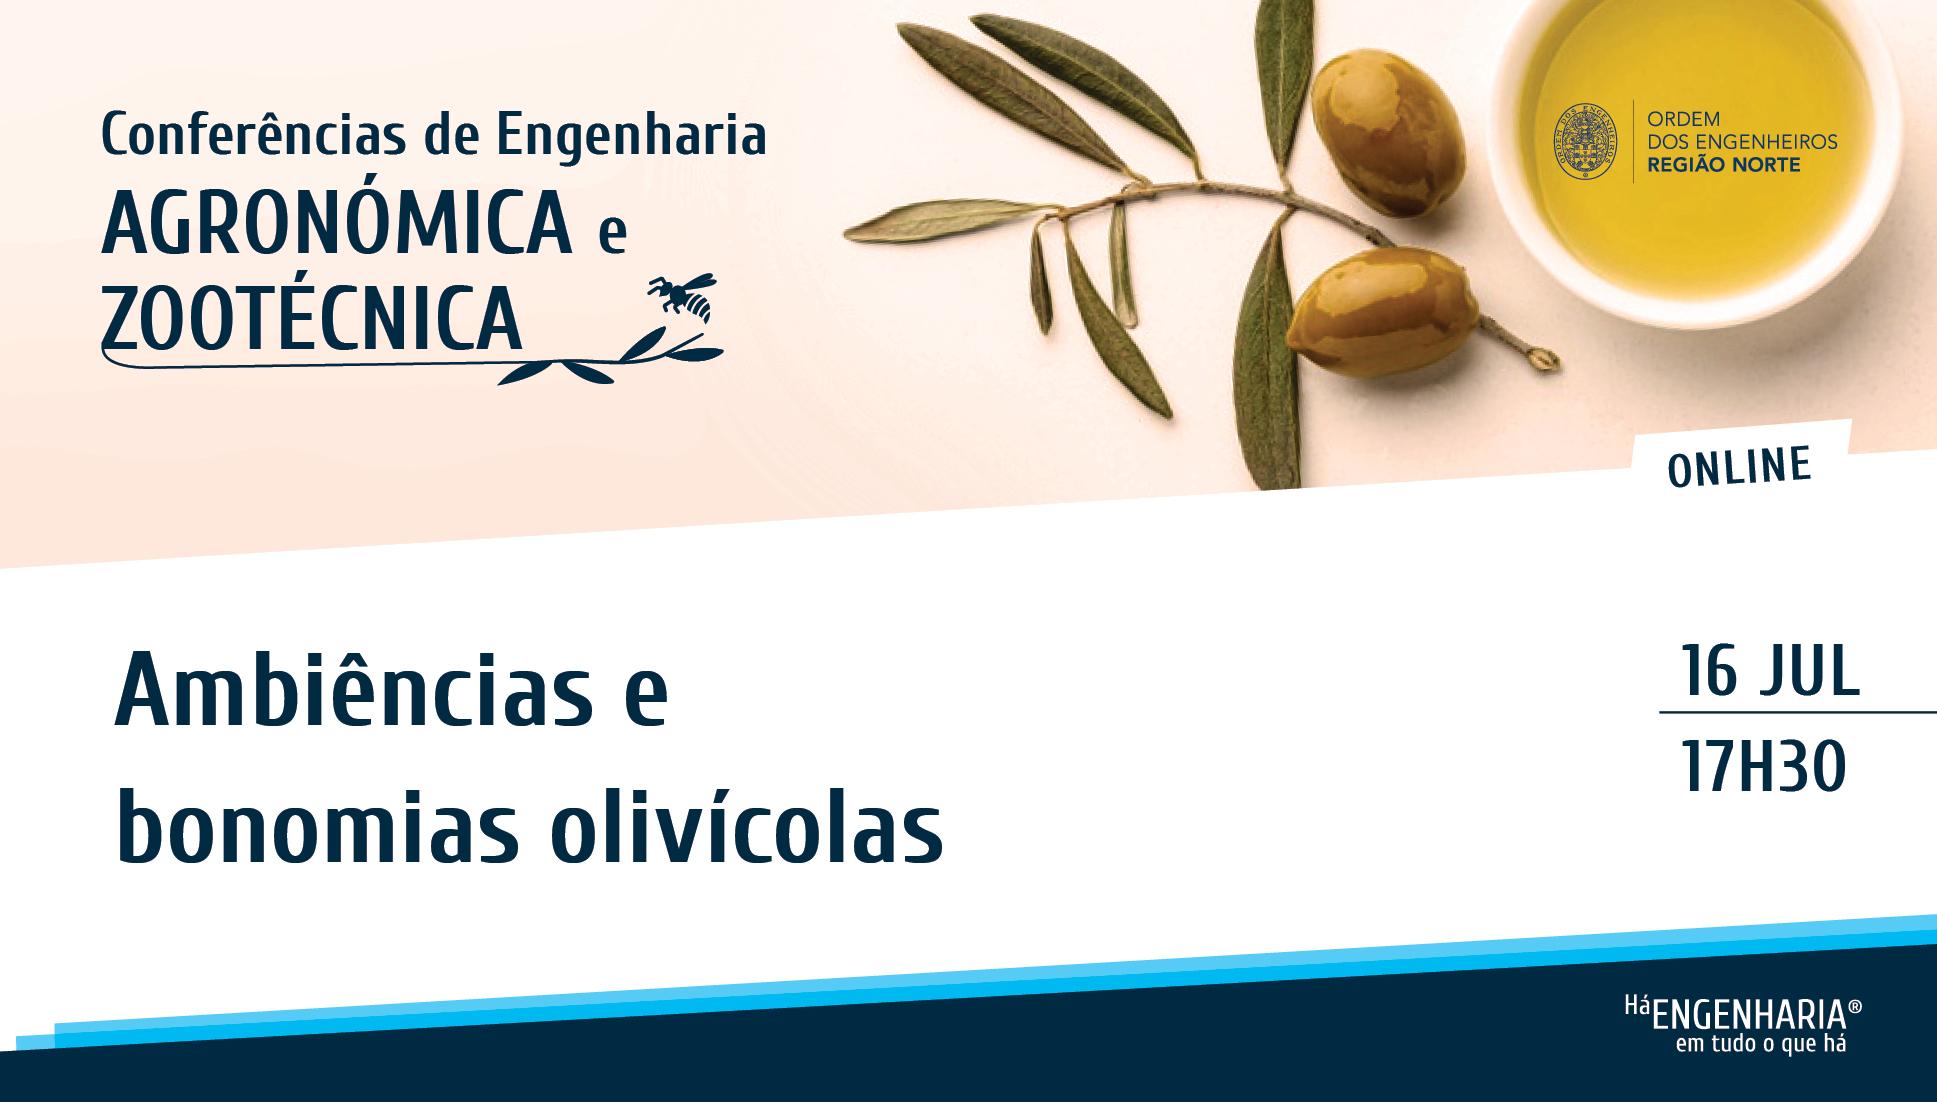 Plataforma Notícias Ordem Engenheiros Região Norte - Conferência sobre o Setor Olívicola é já a 16 de julho